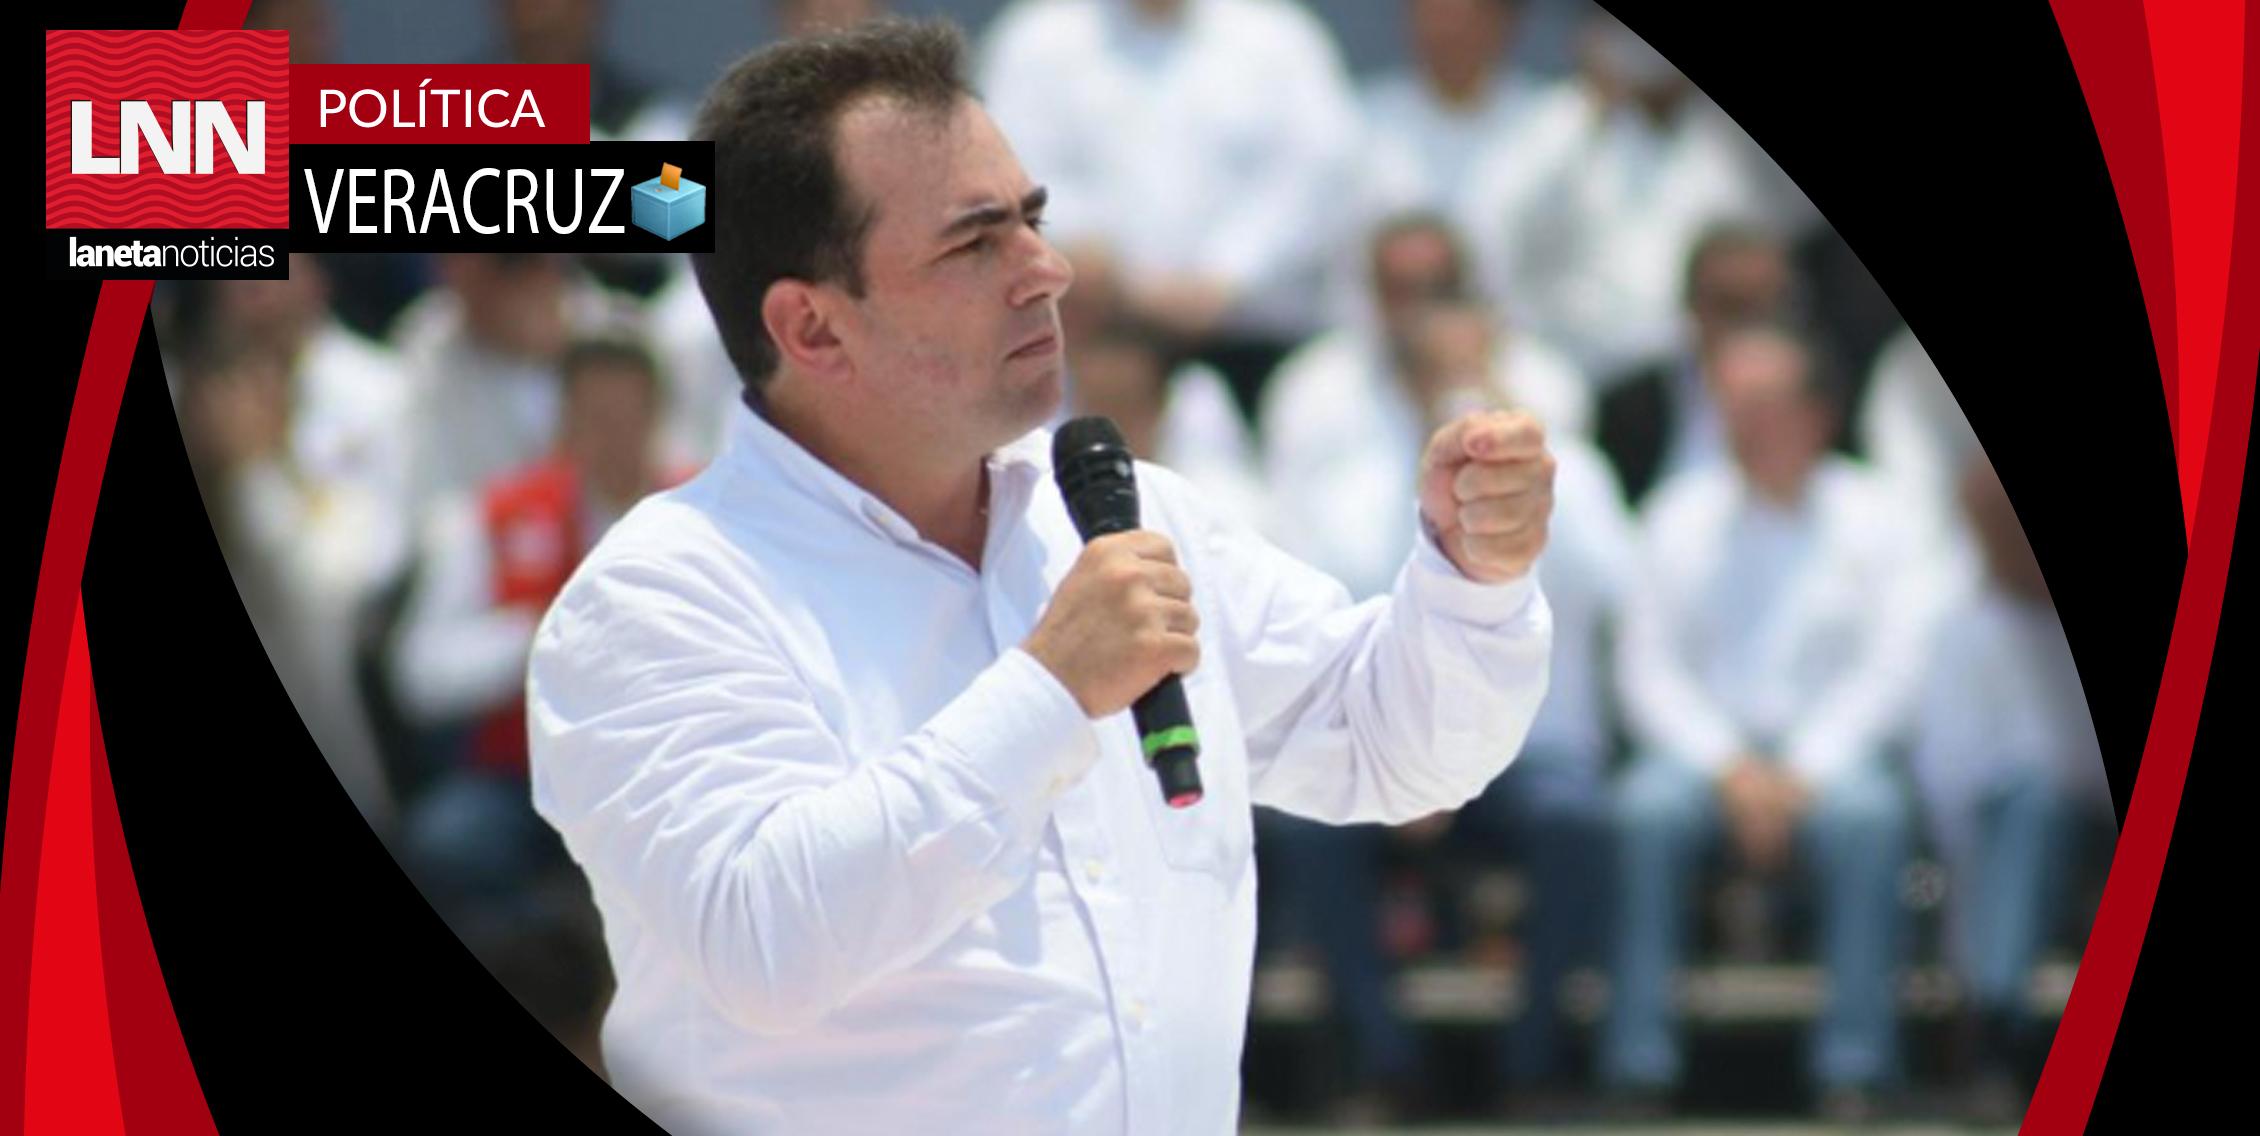 Pepe Yunes ofrece alianza firme a los maestros de Veracruz